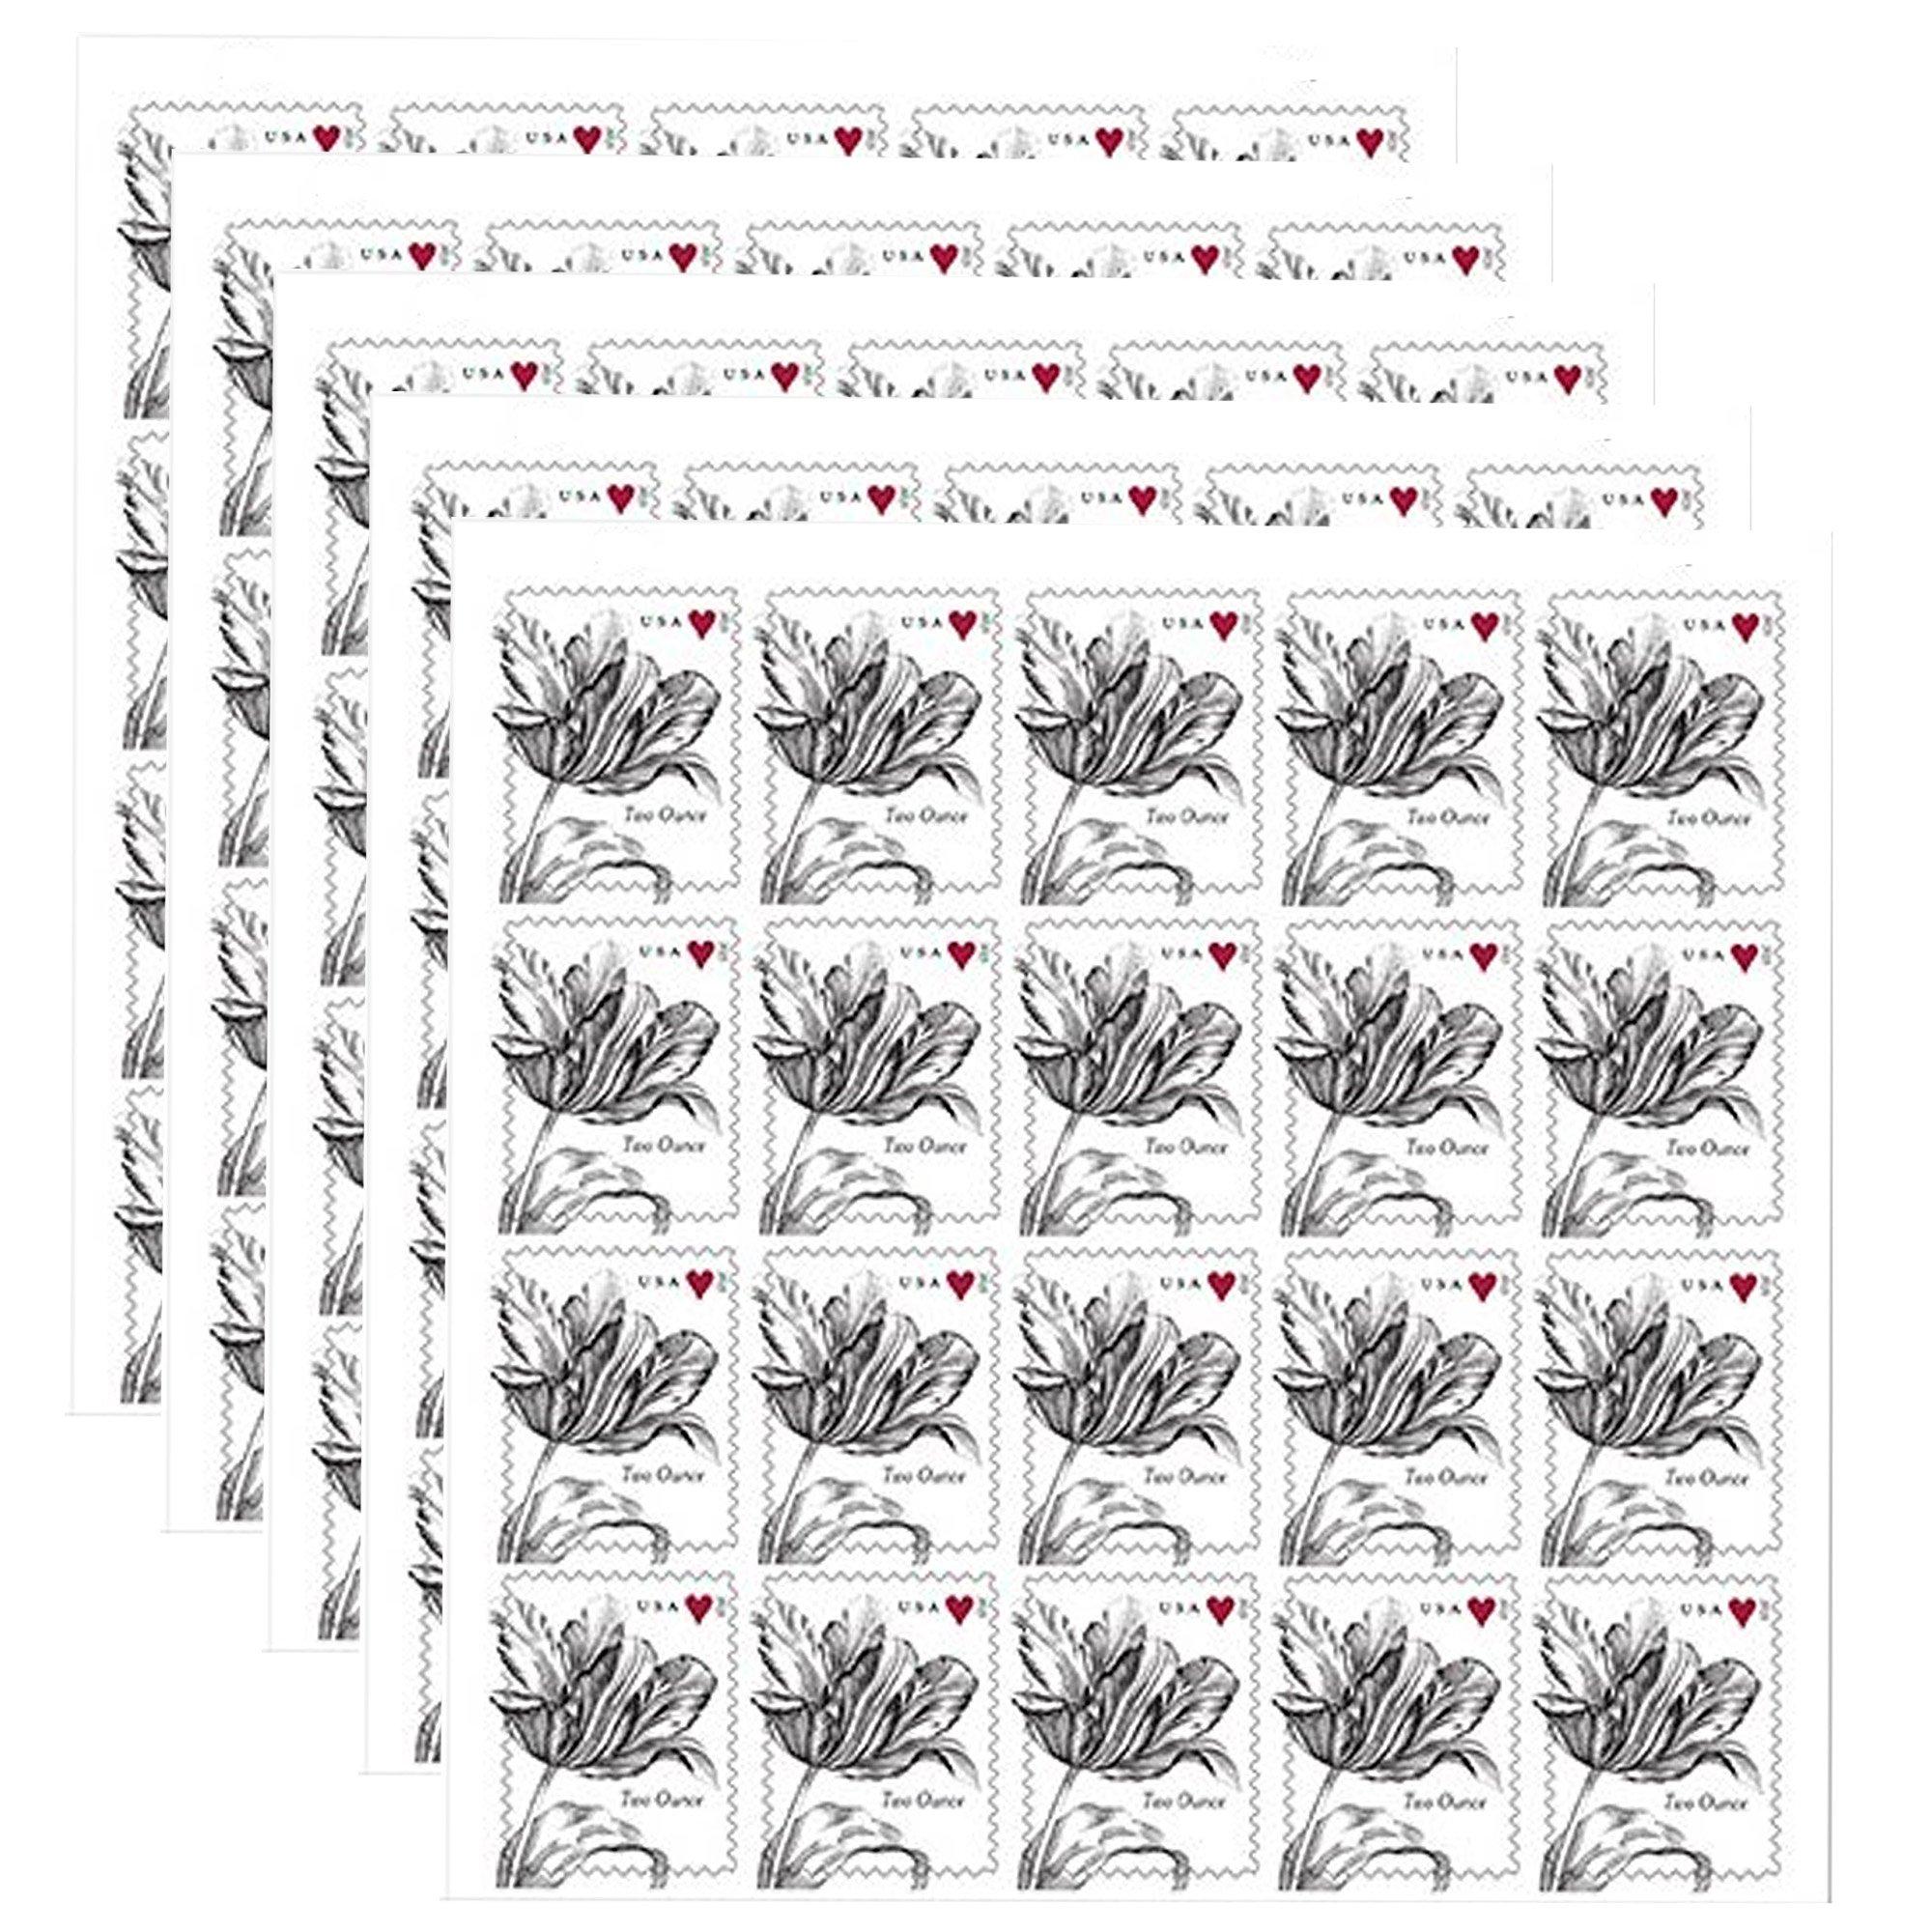 Vintage Tulip 5 sheets of 20 USPS Forever 2 Oz. Postage Stamps